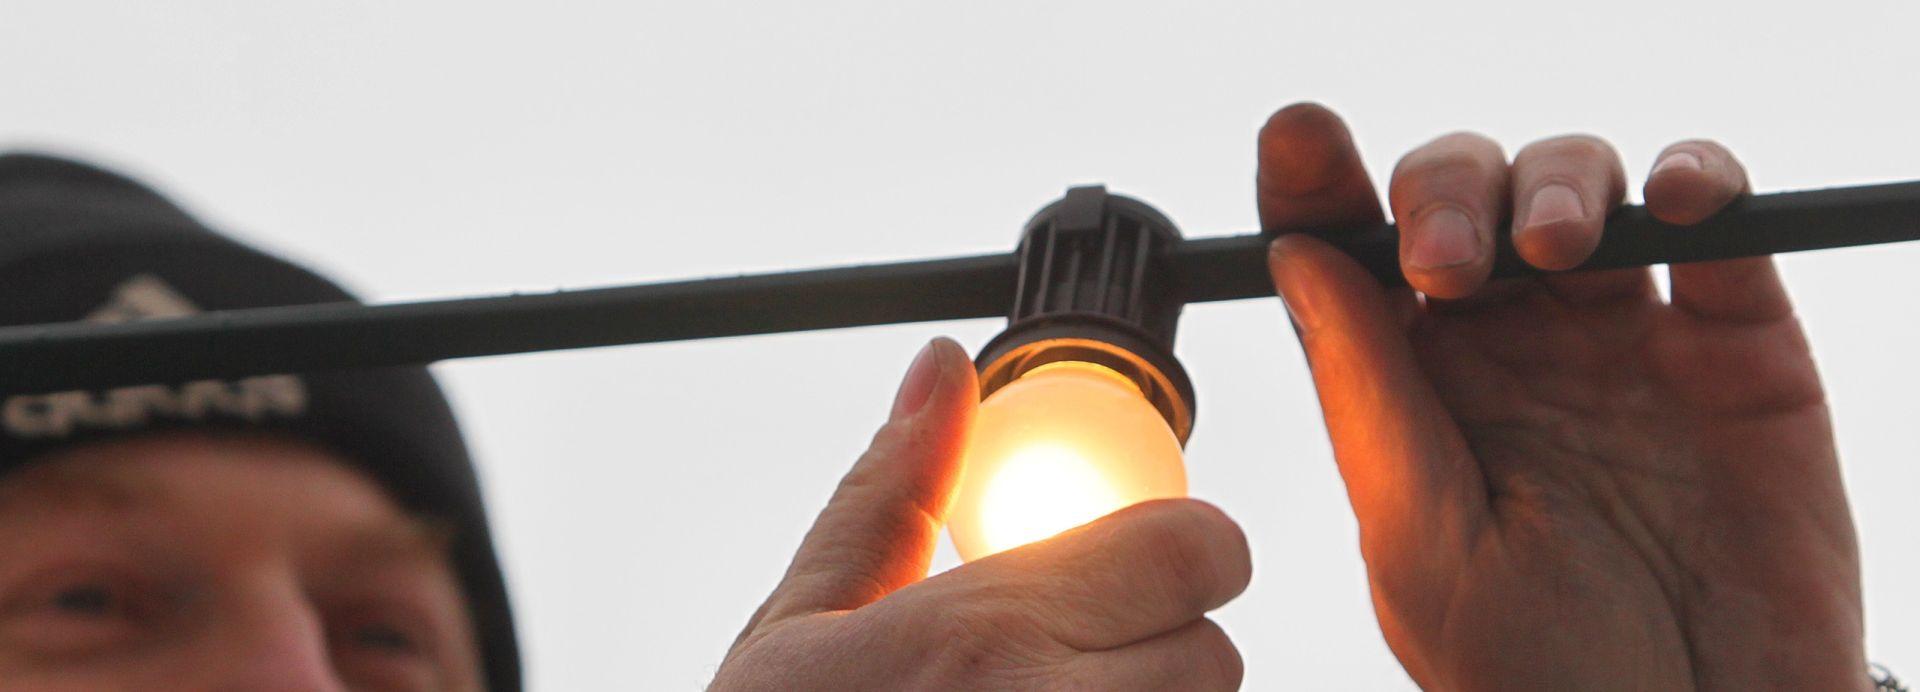 NEDOVOLJAN BROJ GLASOVA? Upitan Zakon o tržištu električne energije